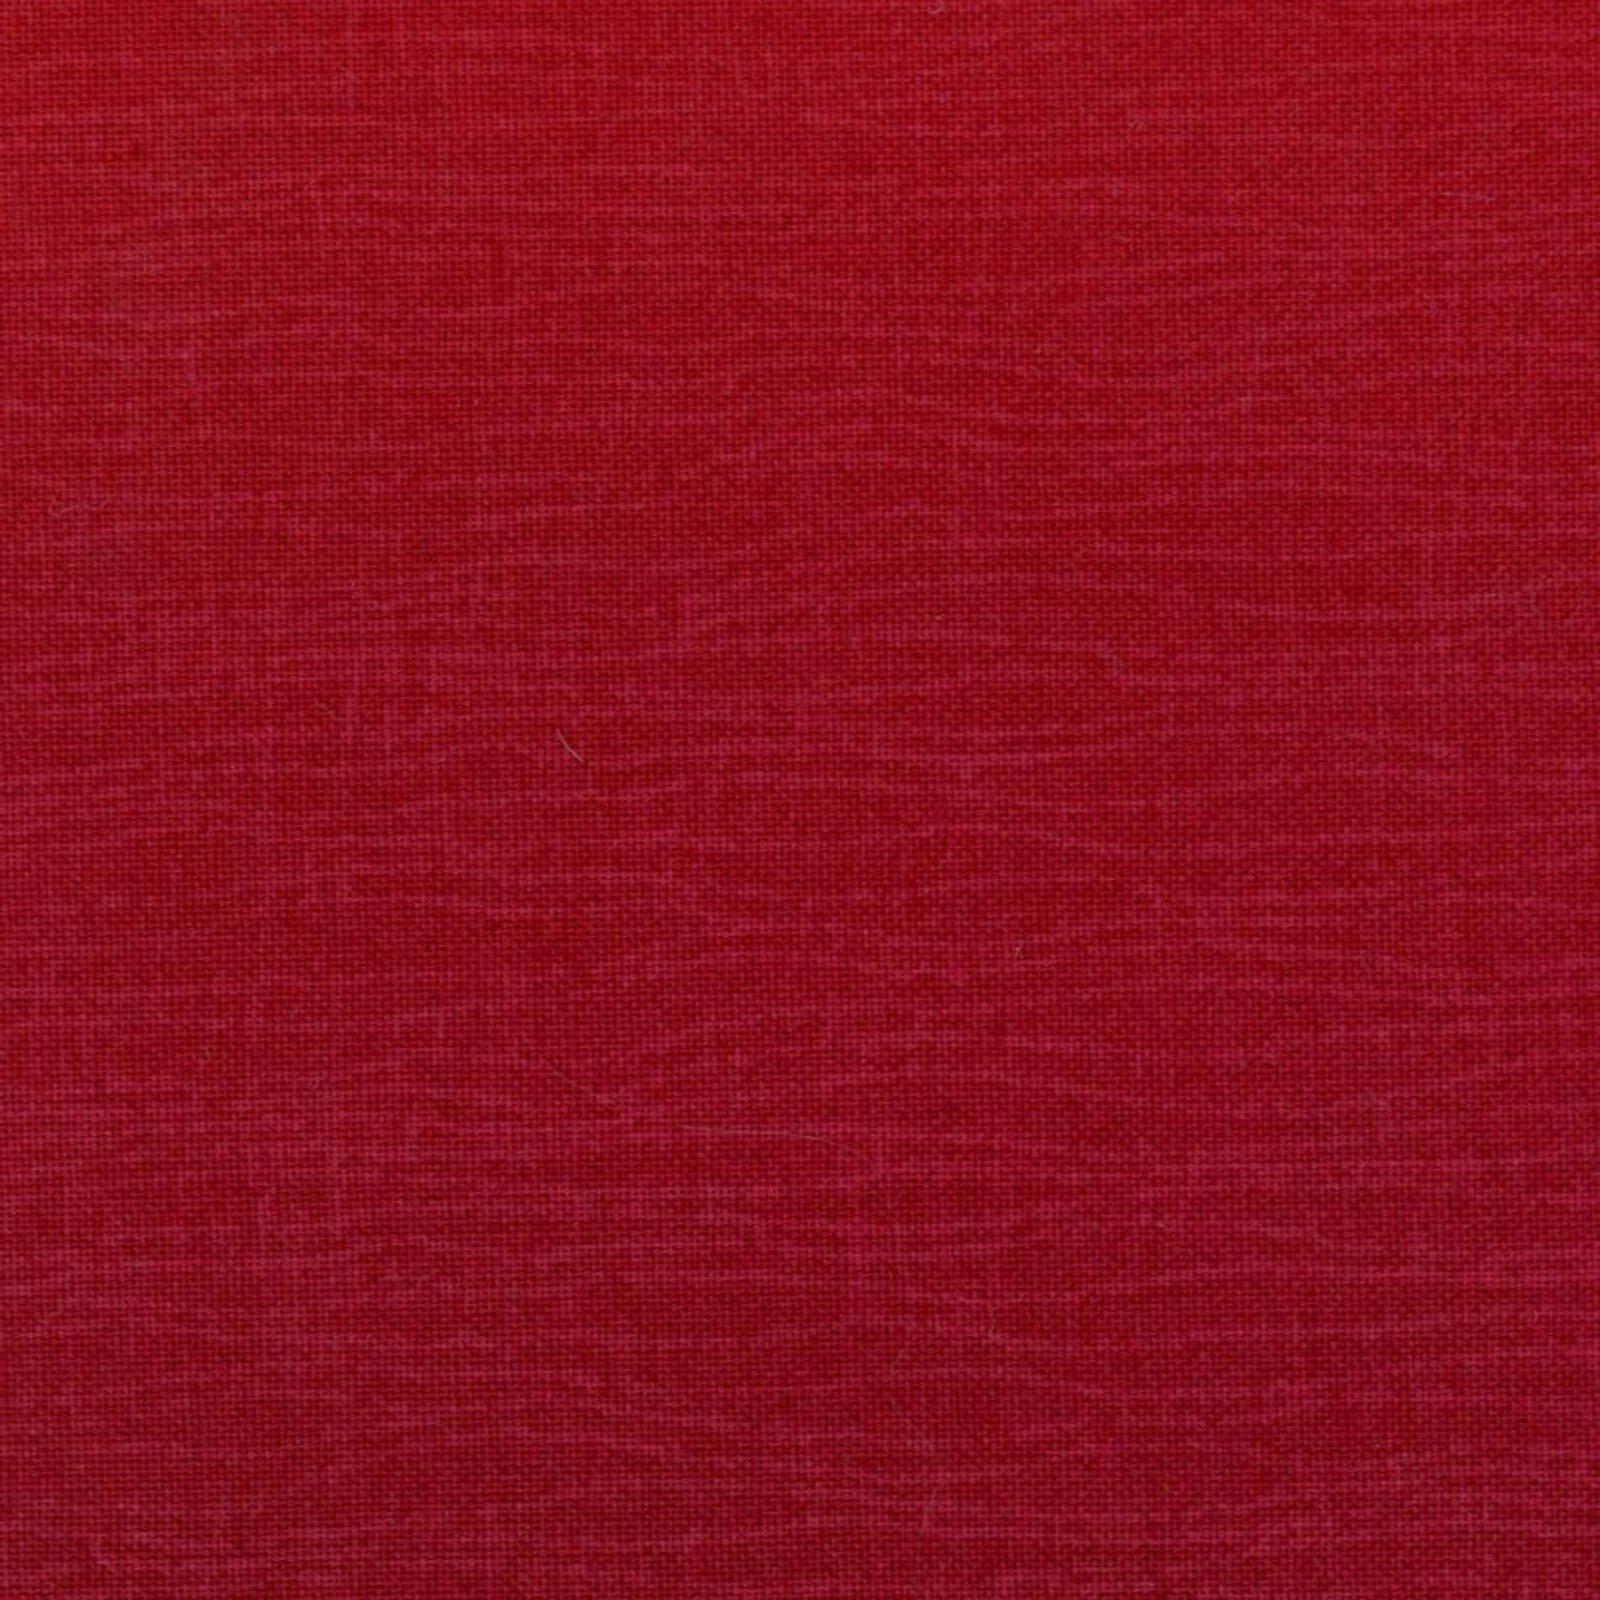 Gelato 303 Red